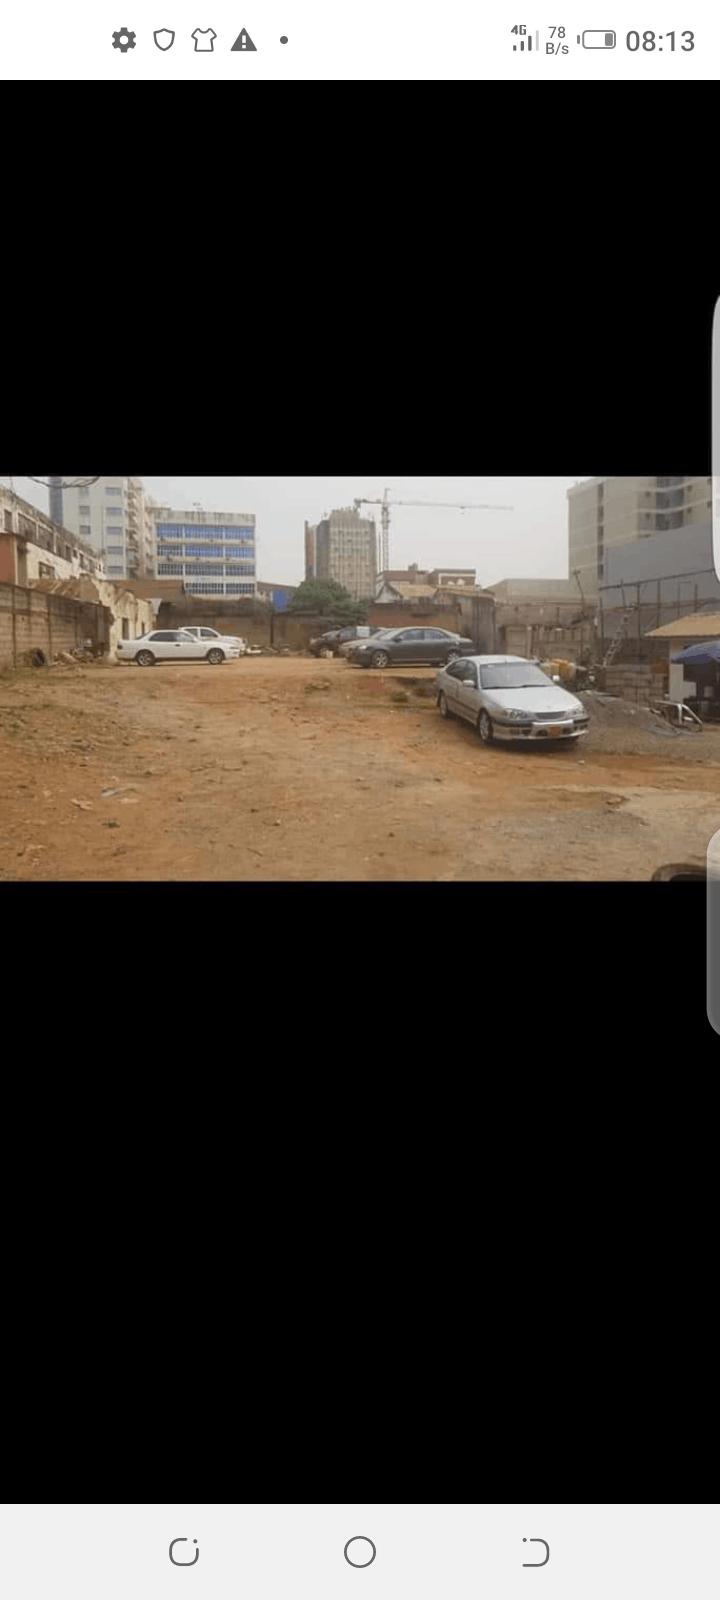 Land for sale at Yaoundé, Centre administratif, En face hôte Djeuga palace - 1000 m2 - 18 500 000 FCFA